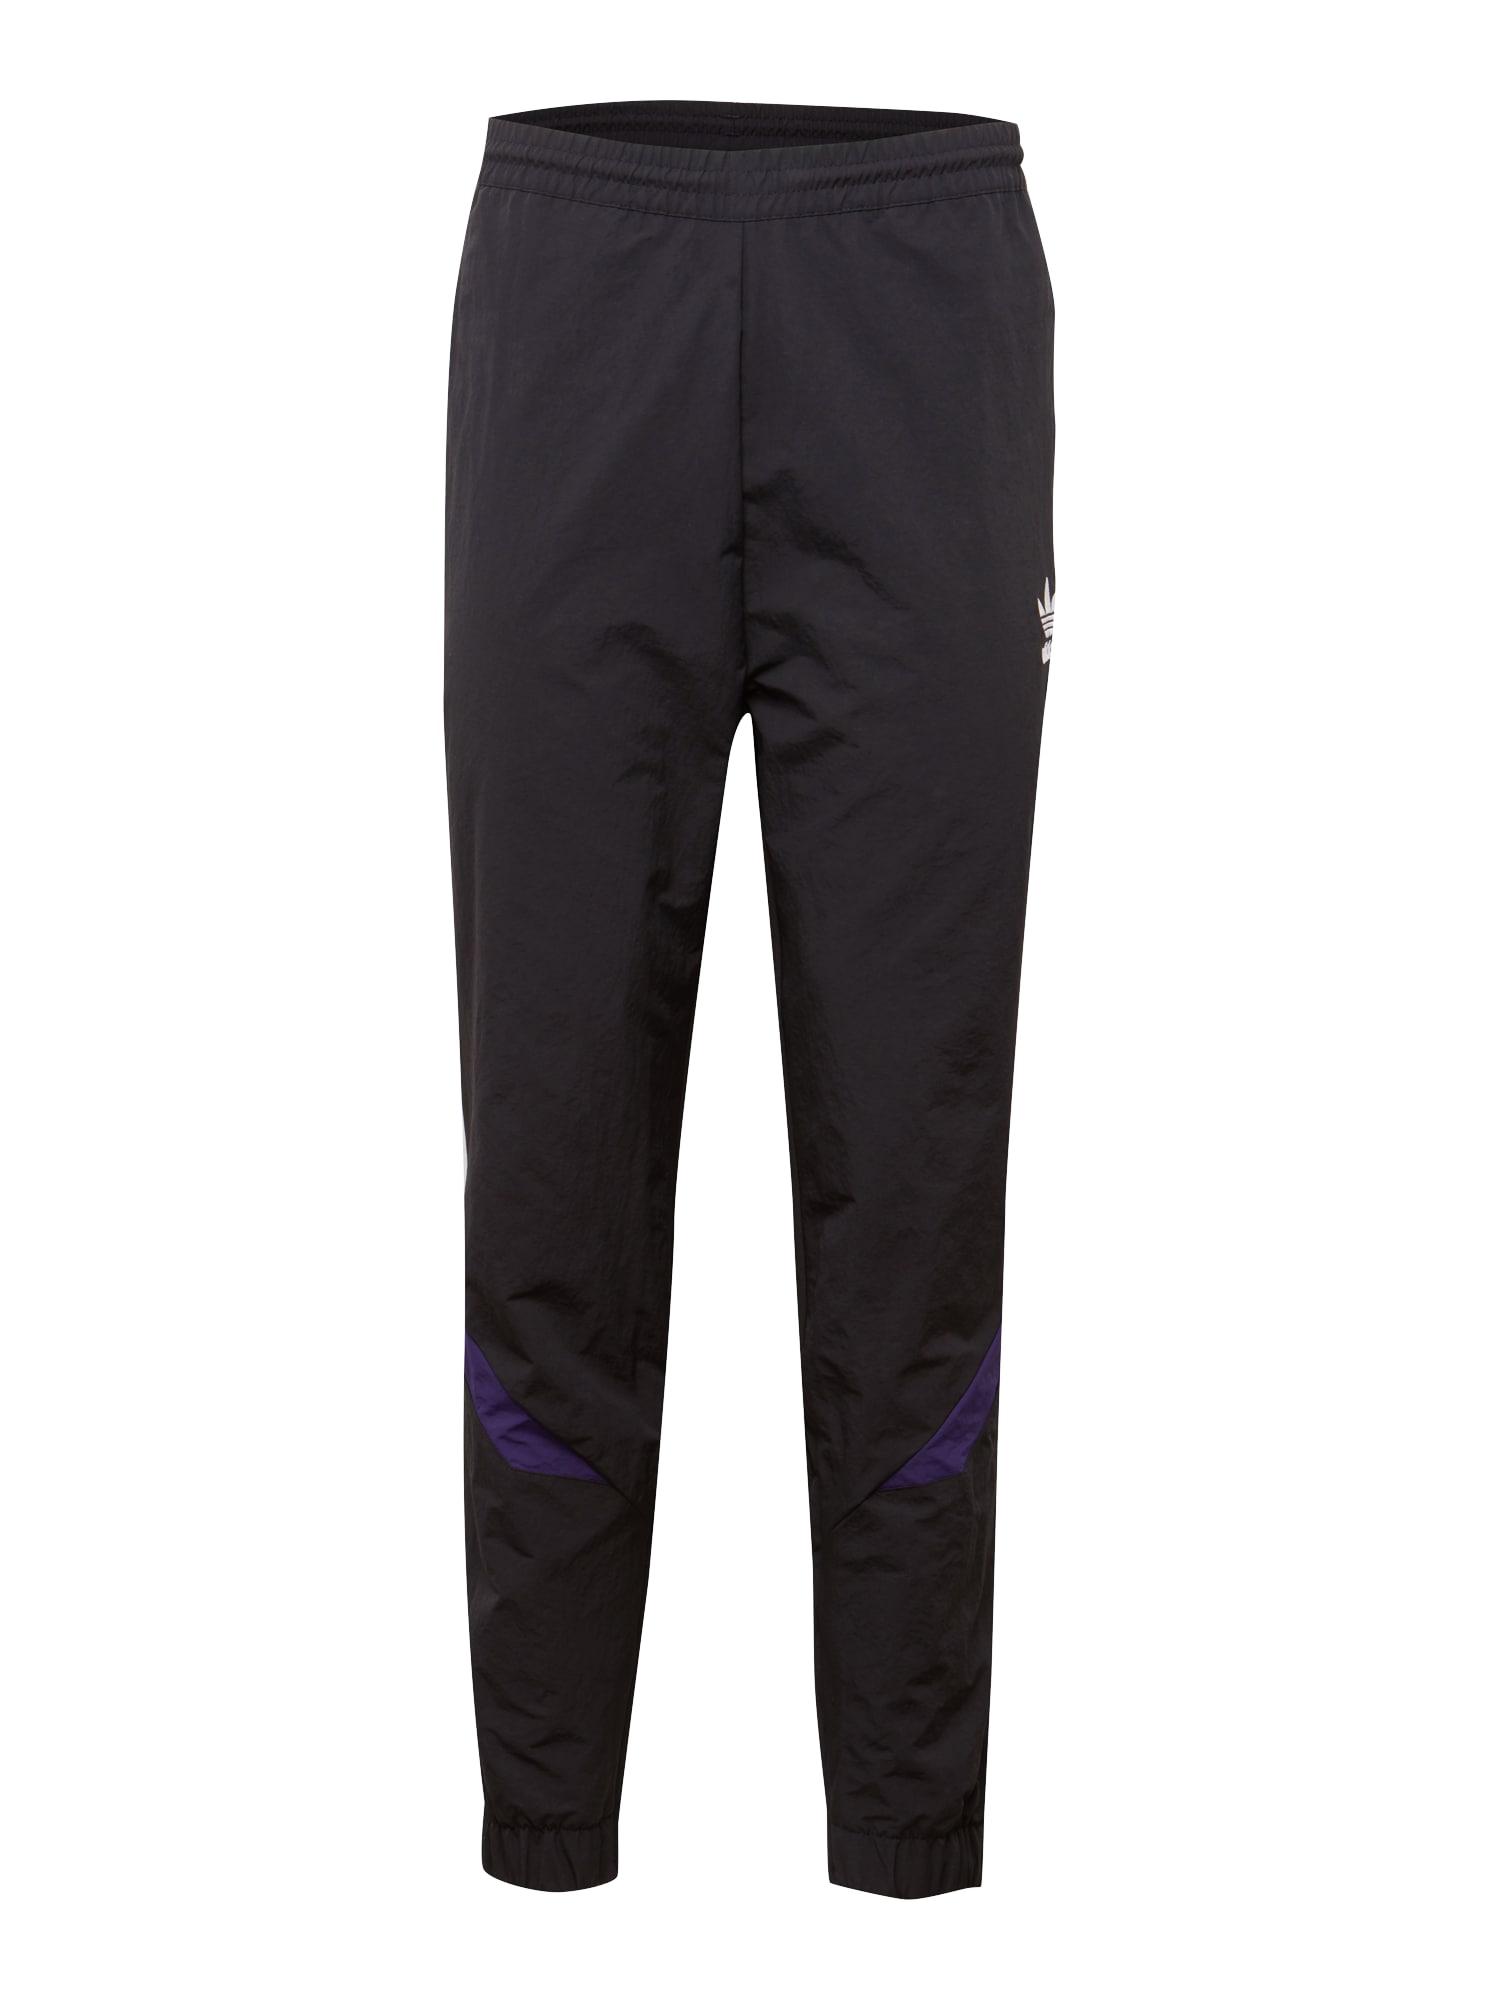 Kalhoty SPORTIVO TRACK PANT tmavě fialová tmavě růžová černá ADIDAS ORIGINALS